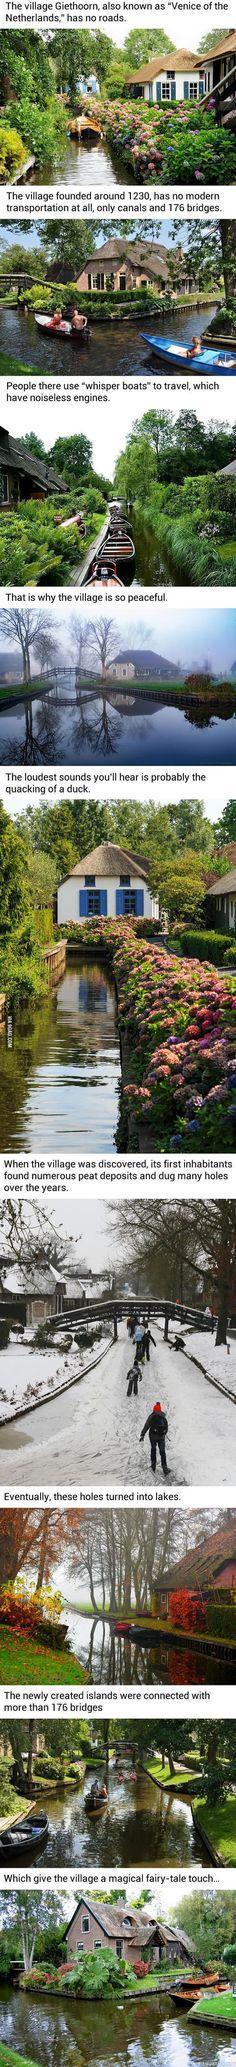 Kylä Hollannissa jossa ei ole lainkaan teitä | im going to buy a house here